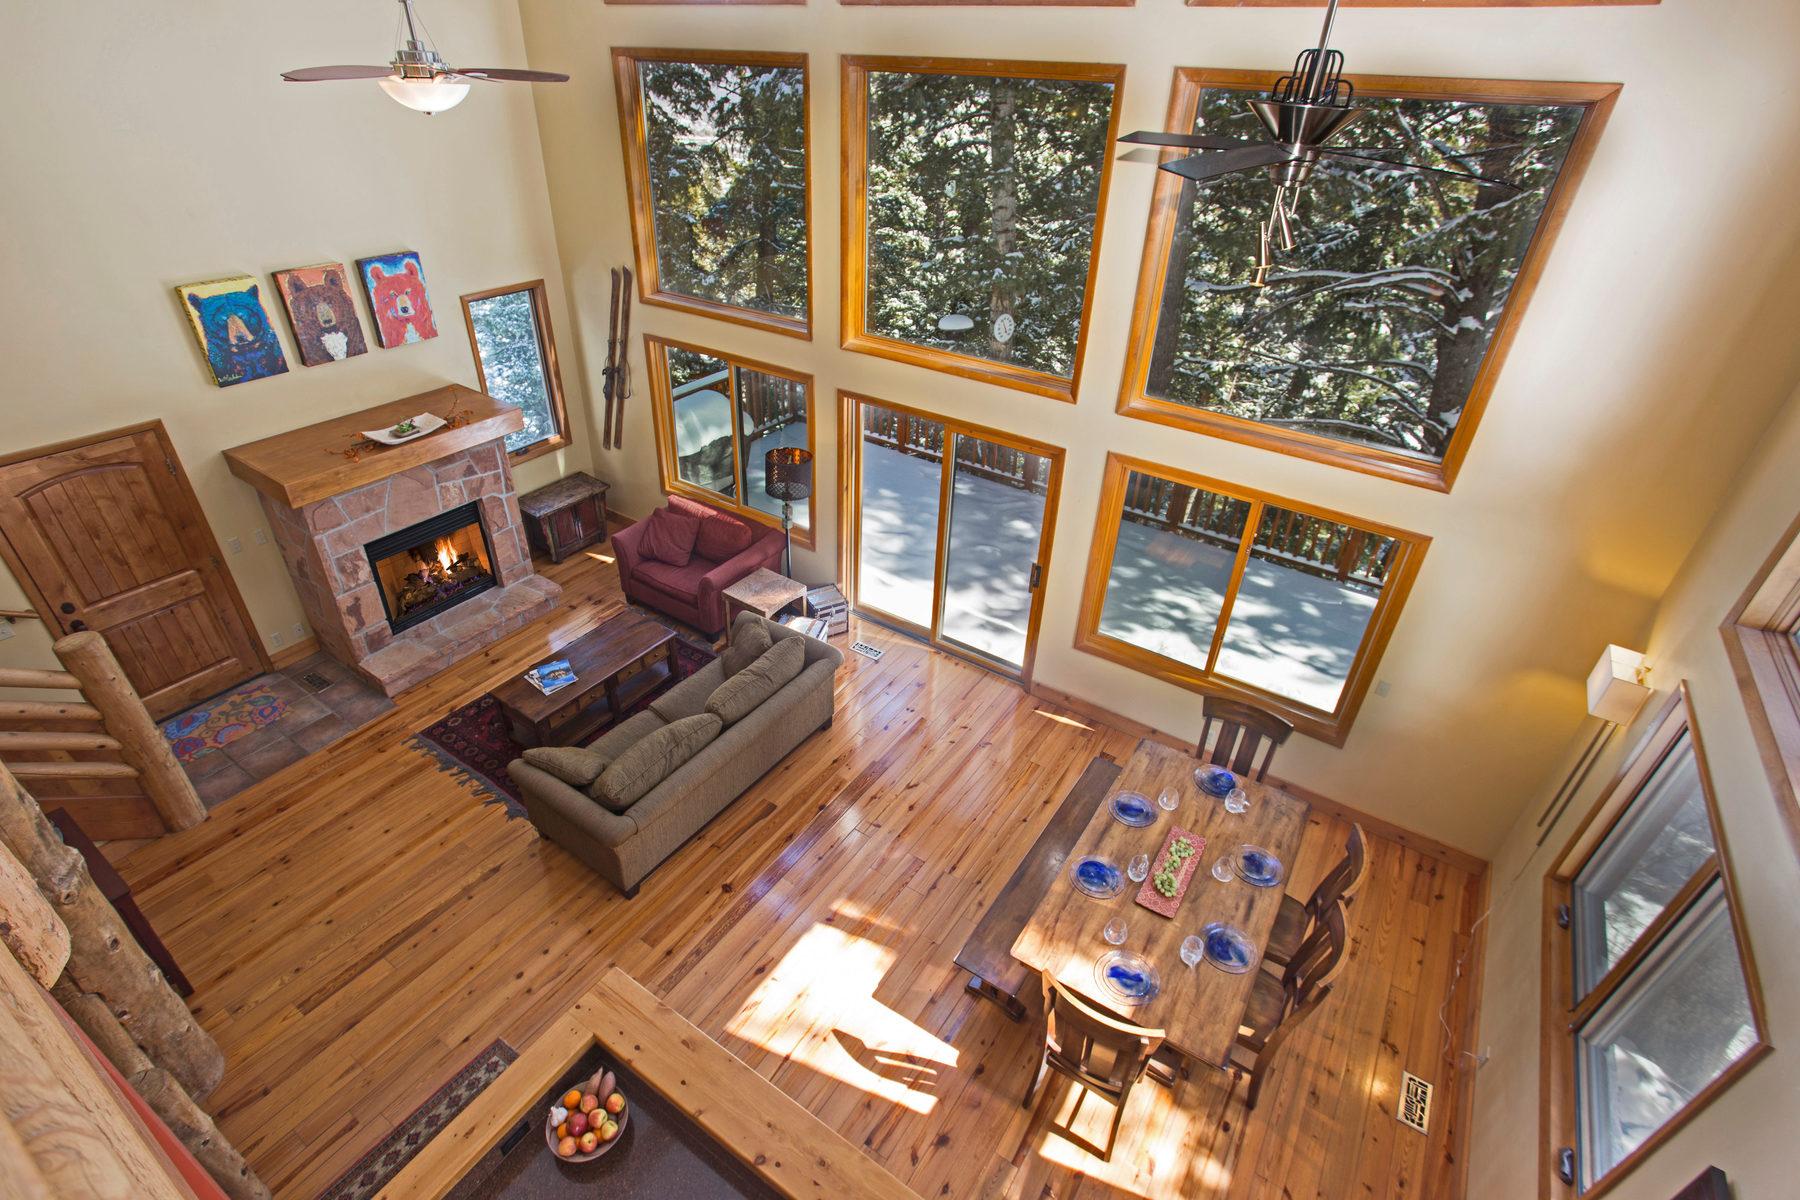 一戸建て のために 売買 アット Serene Alpine Treehouse Nestled in Summit Park 100 Innsbruck Strasse Park City, ユタ, 84098 アメリカ合衆国